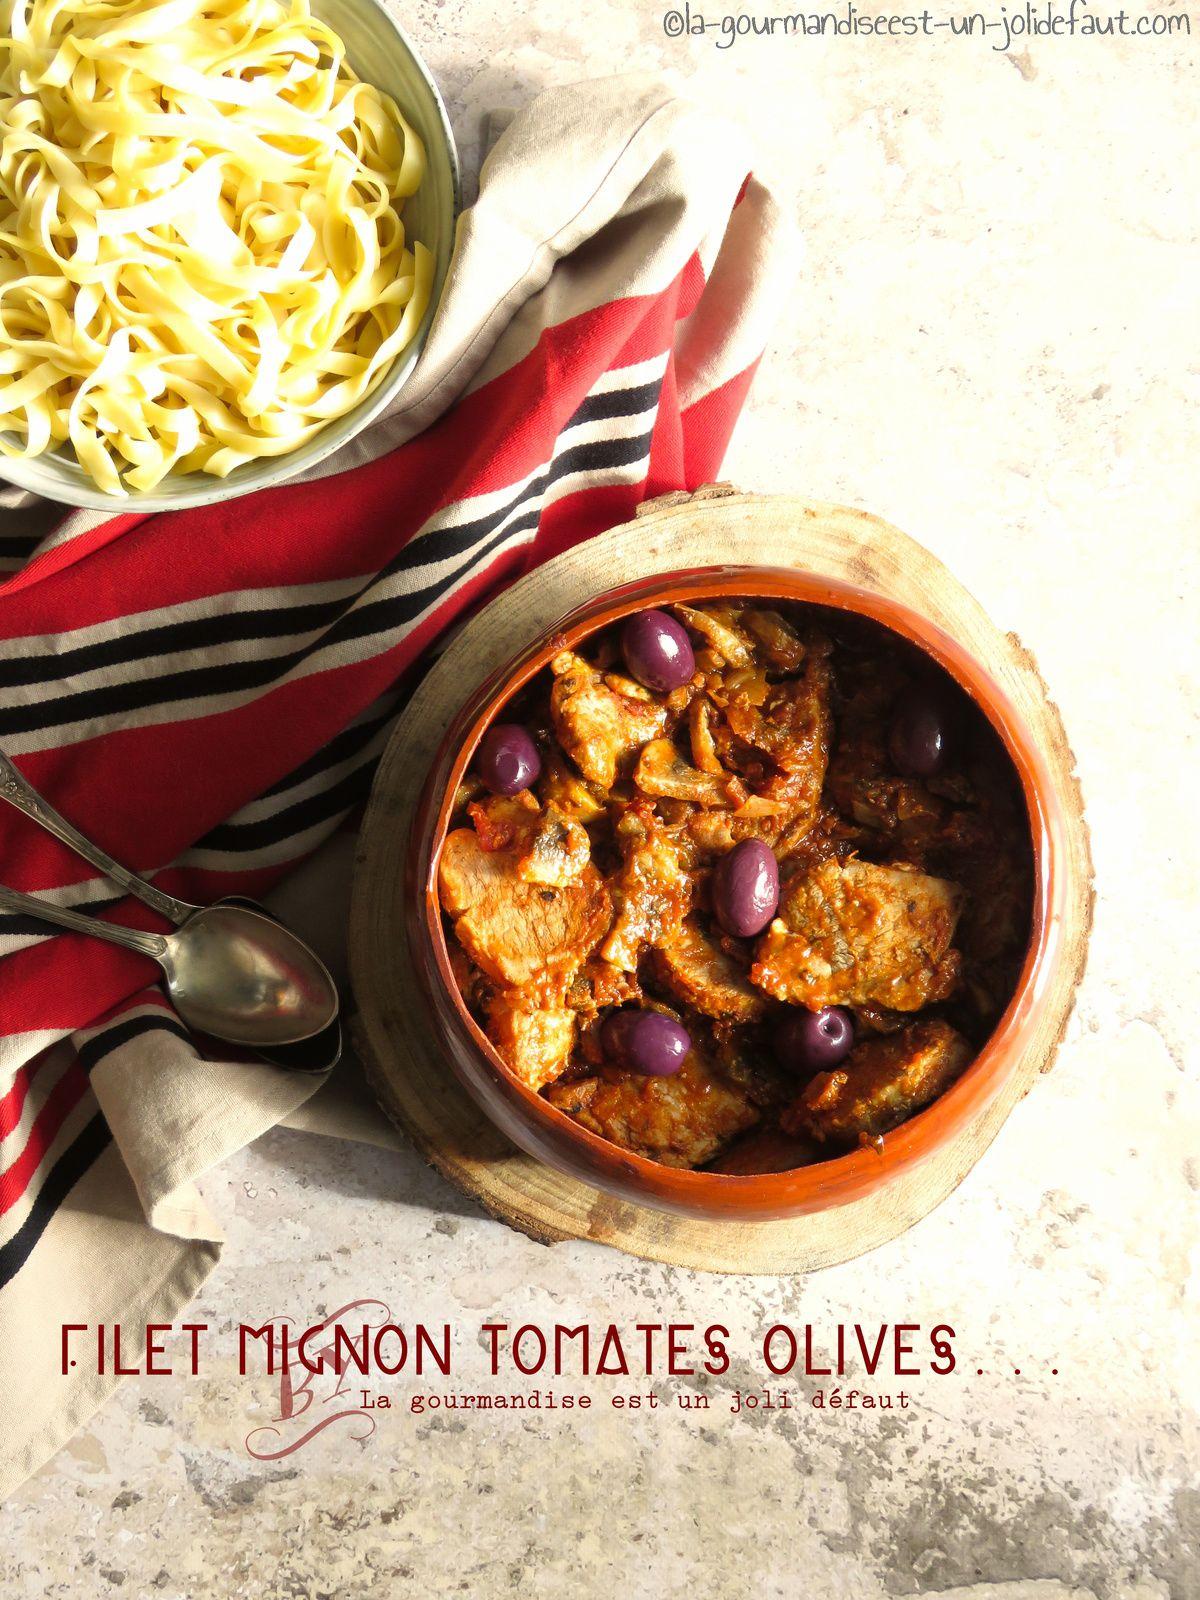 Filet mignon champignon sauce tomate